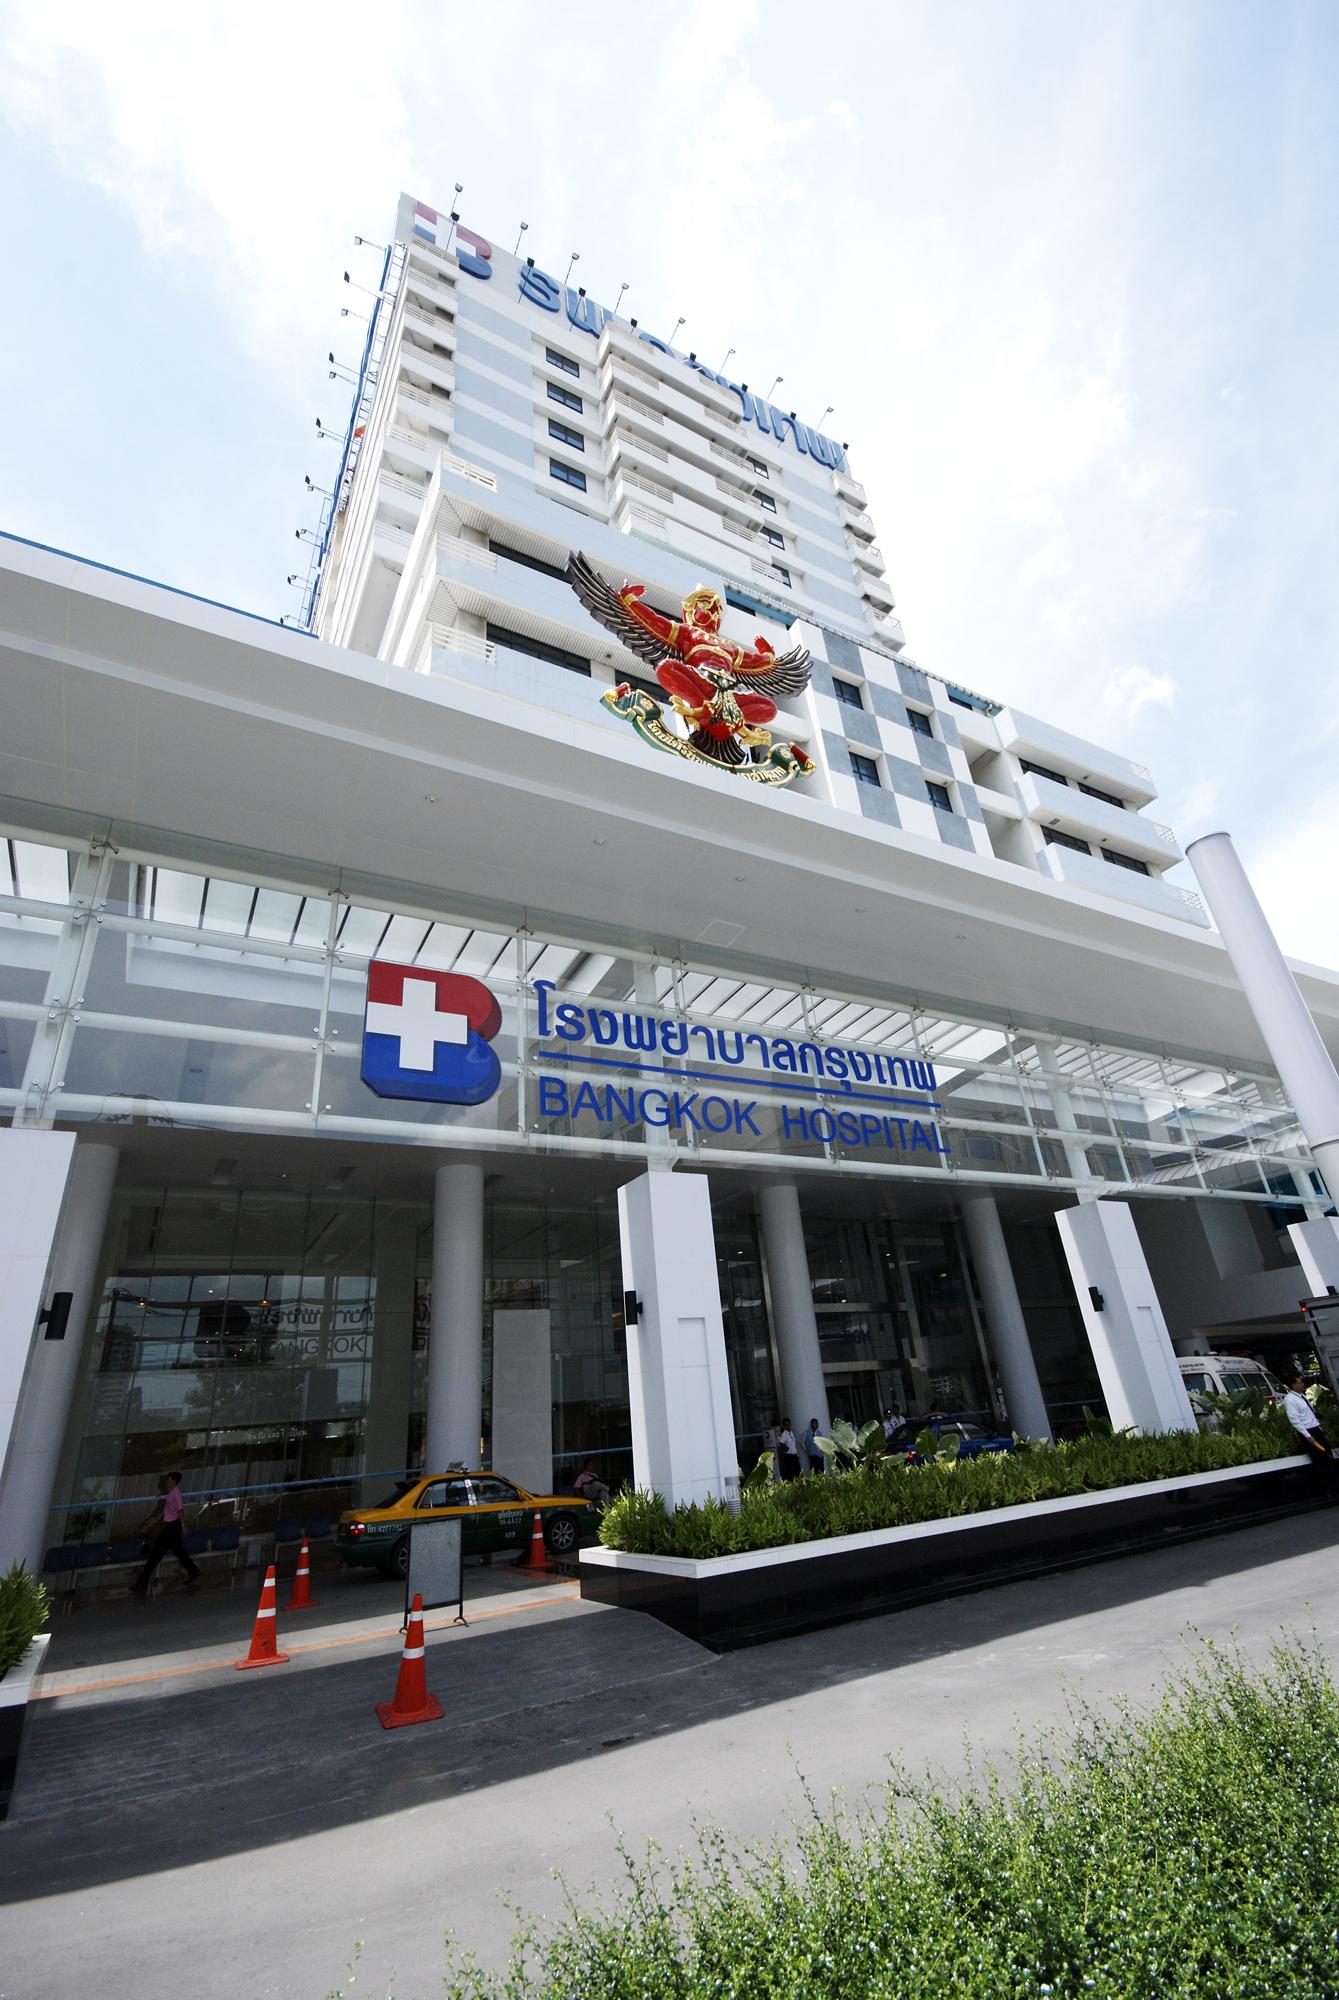 BangkokHospital